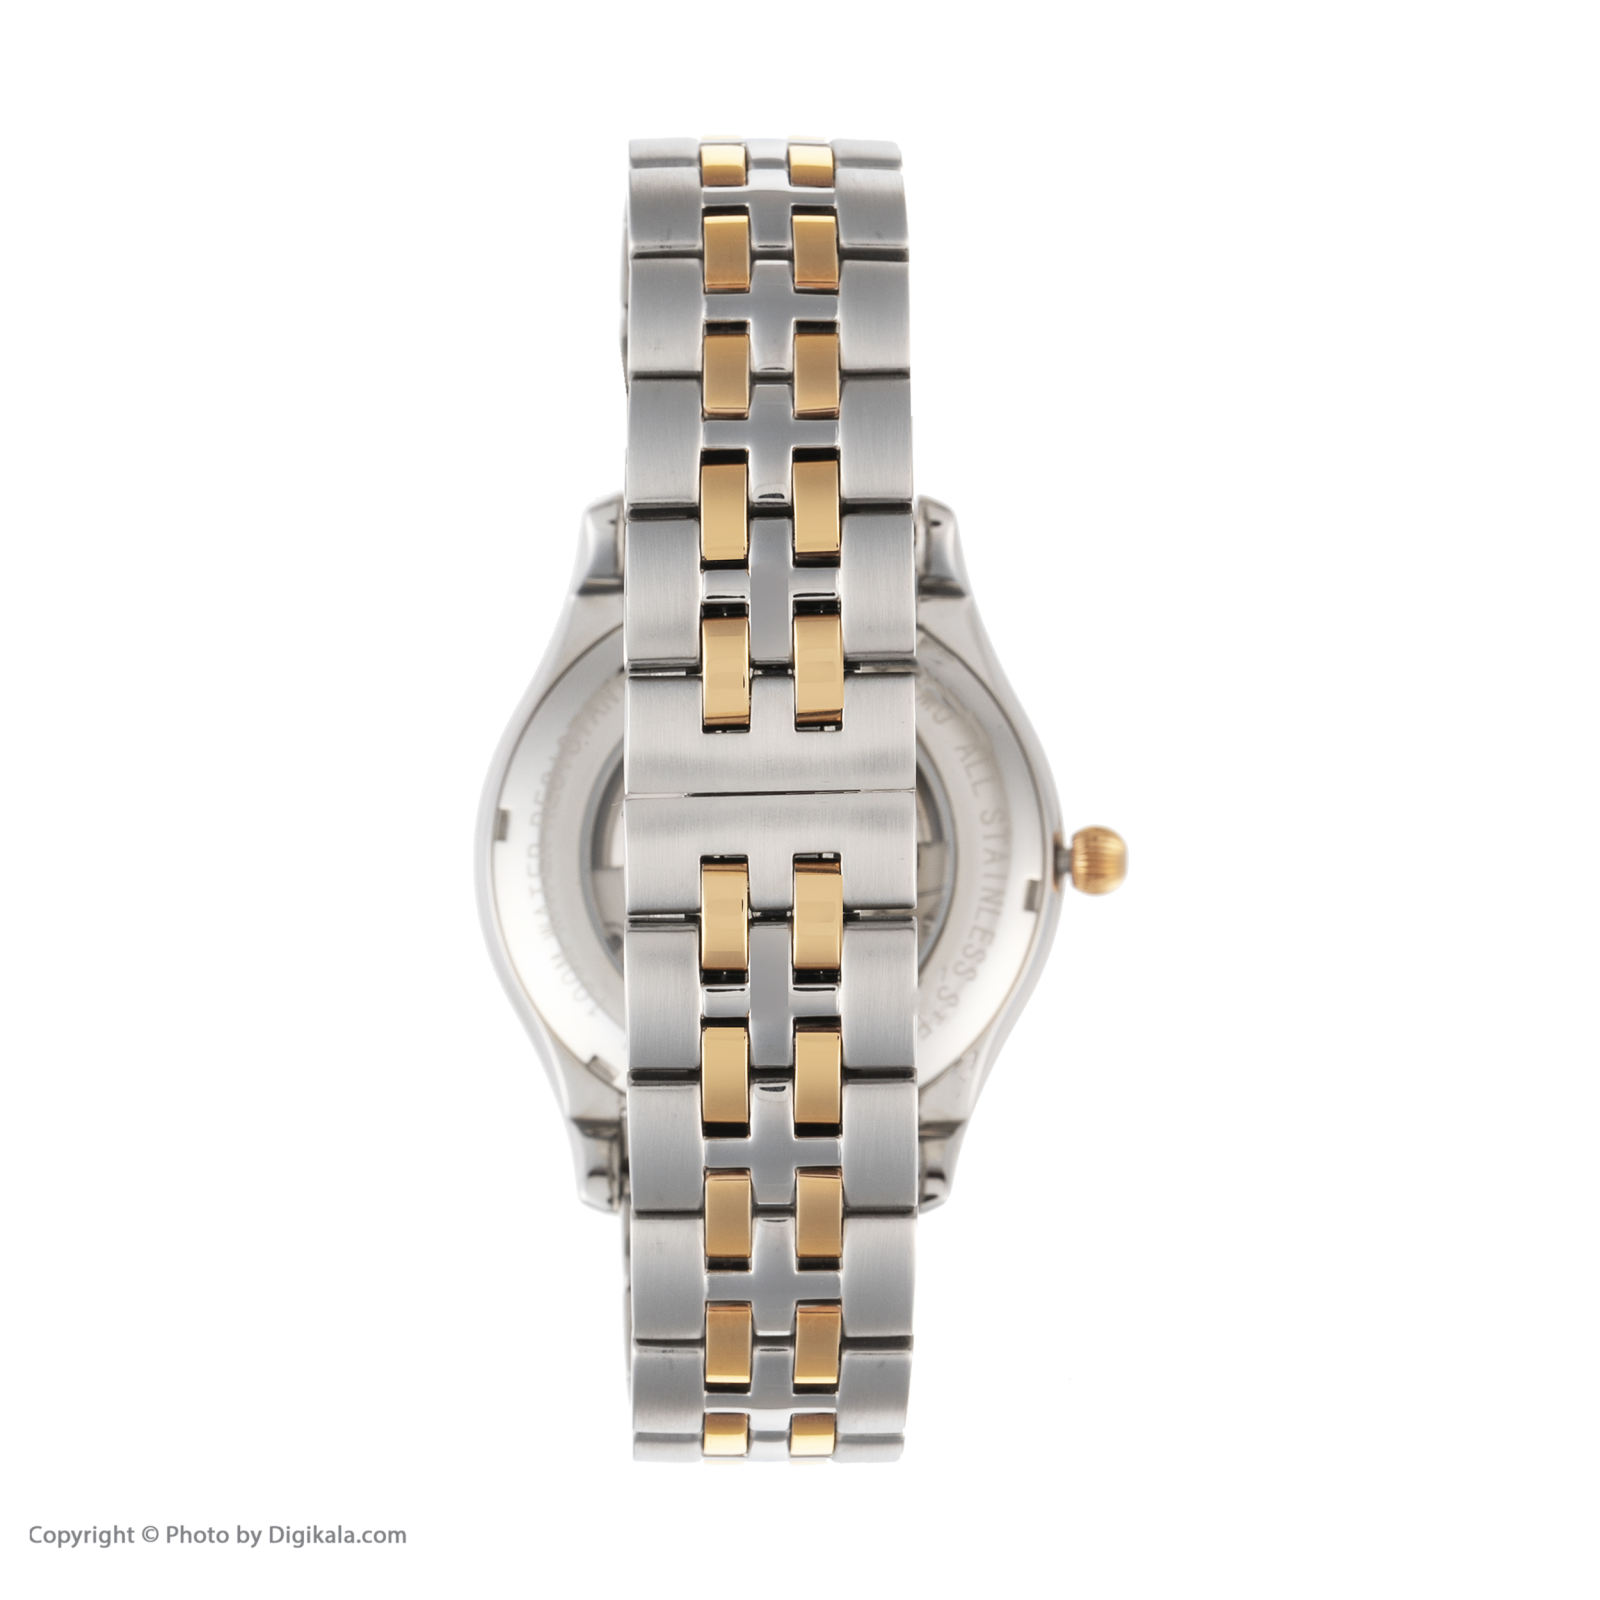 ساعت مچی عقربه ای مردانه کنتیننتال مدل 15203-GA815120 -  - 3